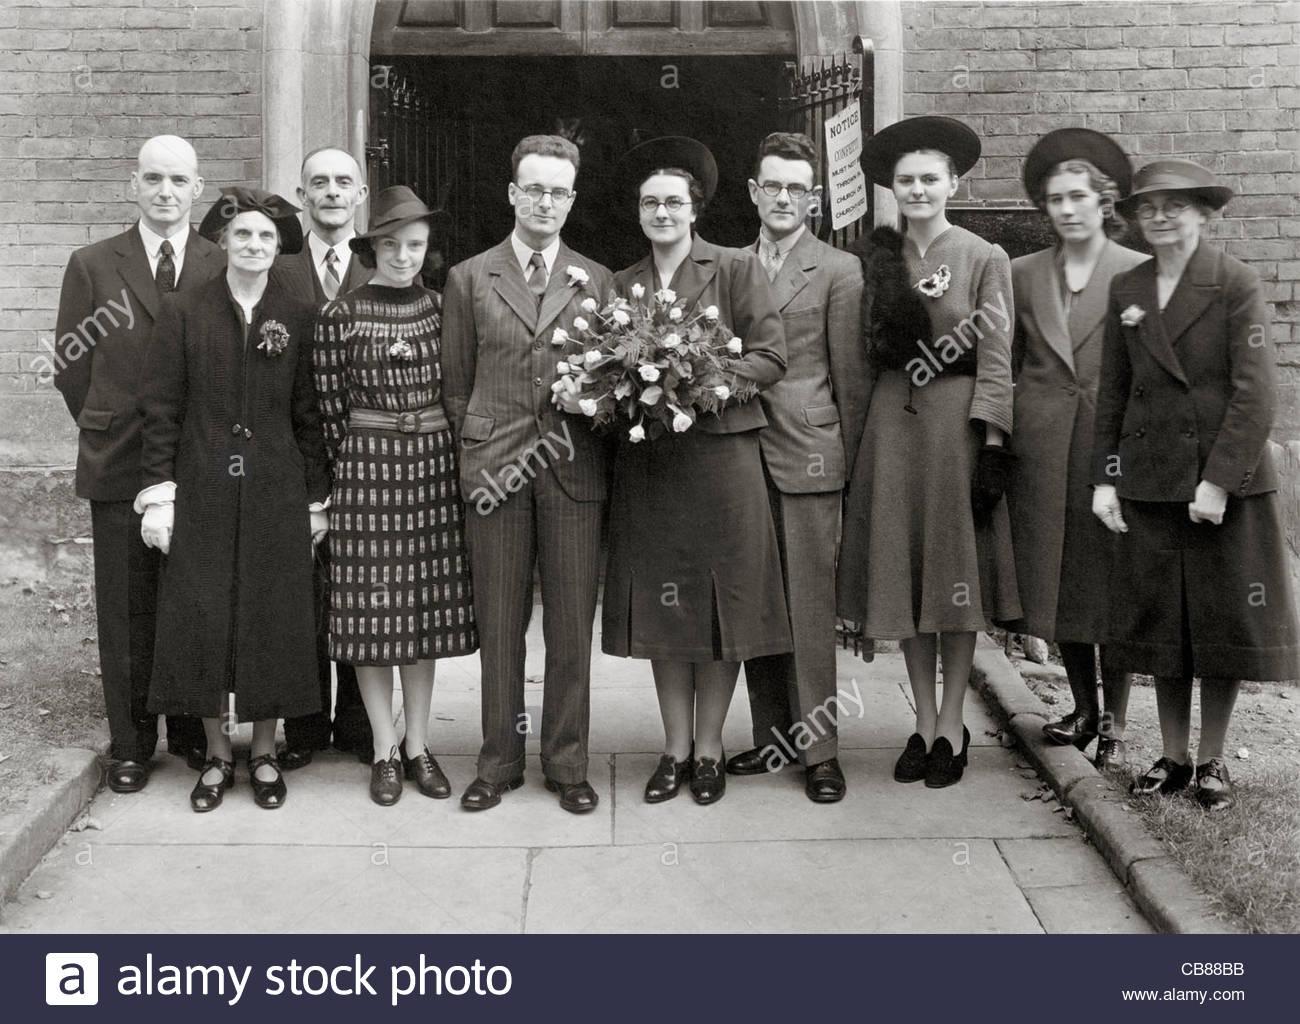 Gruppo famiglia matrimonio foto davanti alla porta della chiesa apertura Inghilterra 1940s Immagini Stock